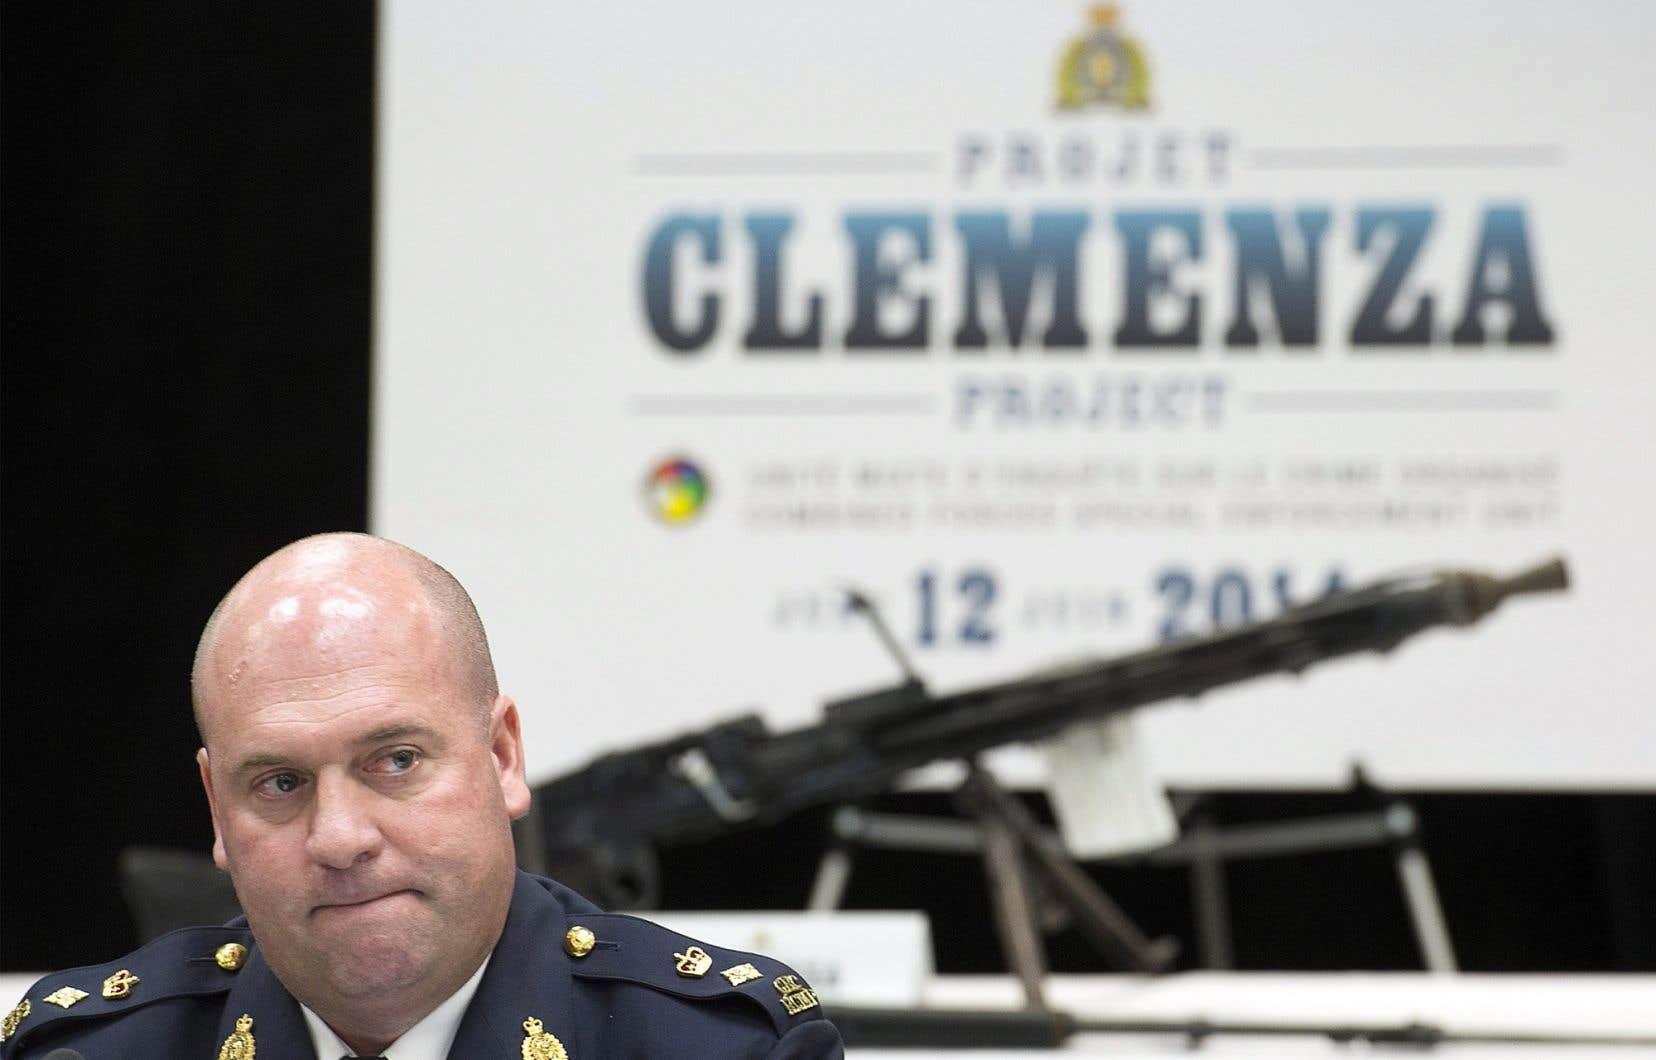 Le surintendant Michel Arcand, de la GRC. En arrière-plan, l'une des armes saisies en cours d'enquête.